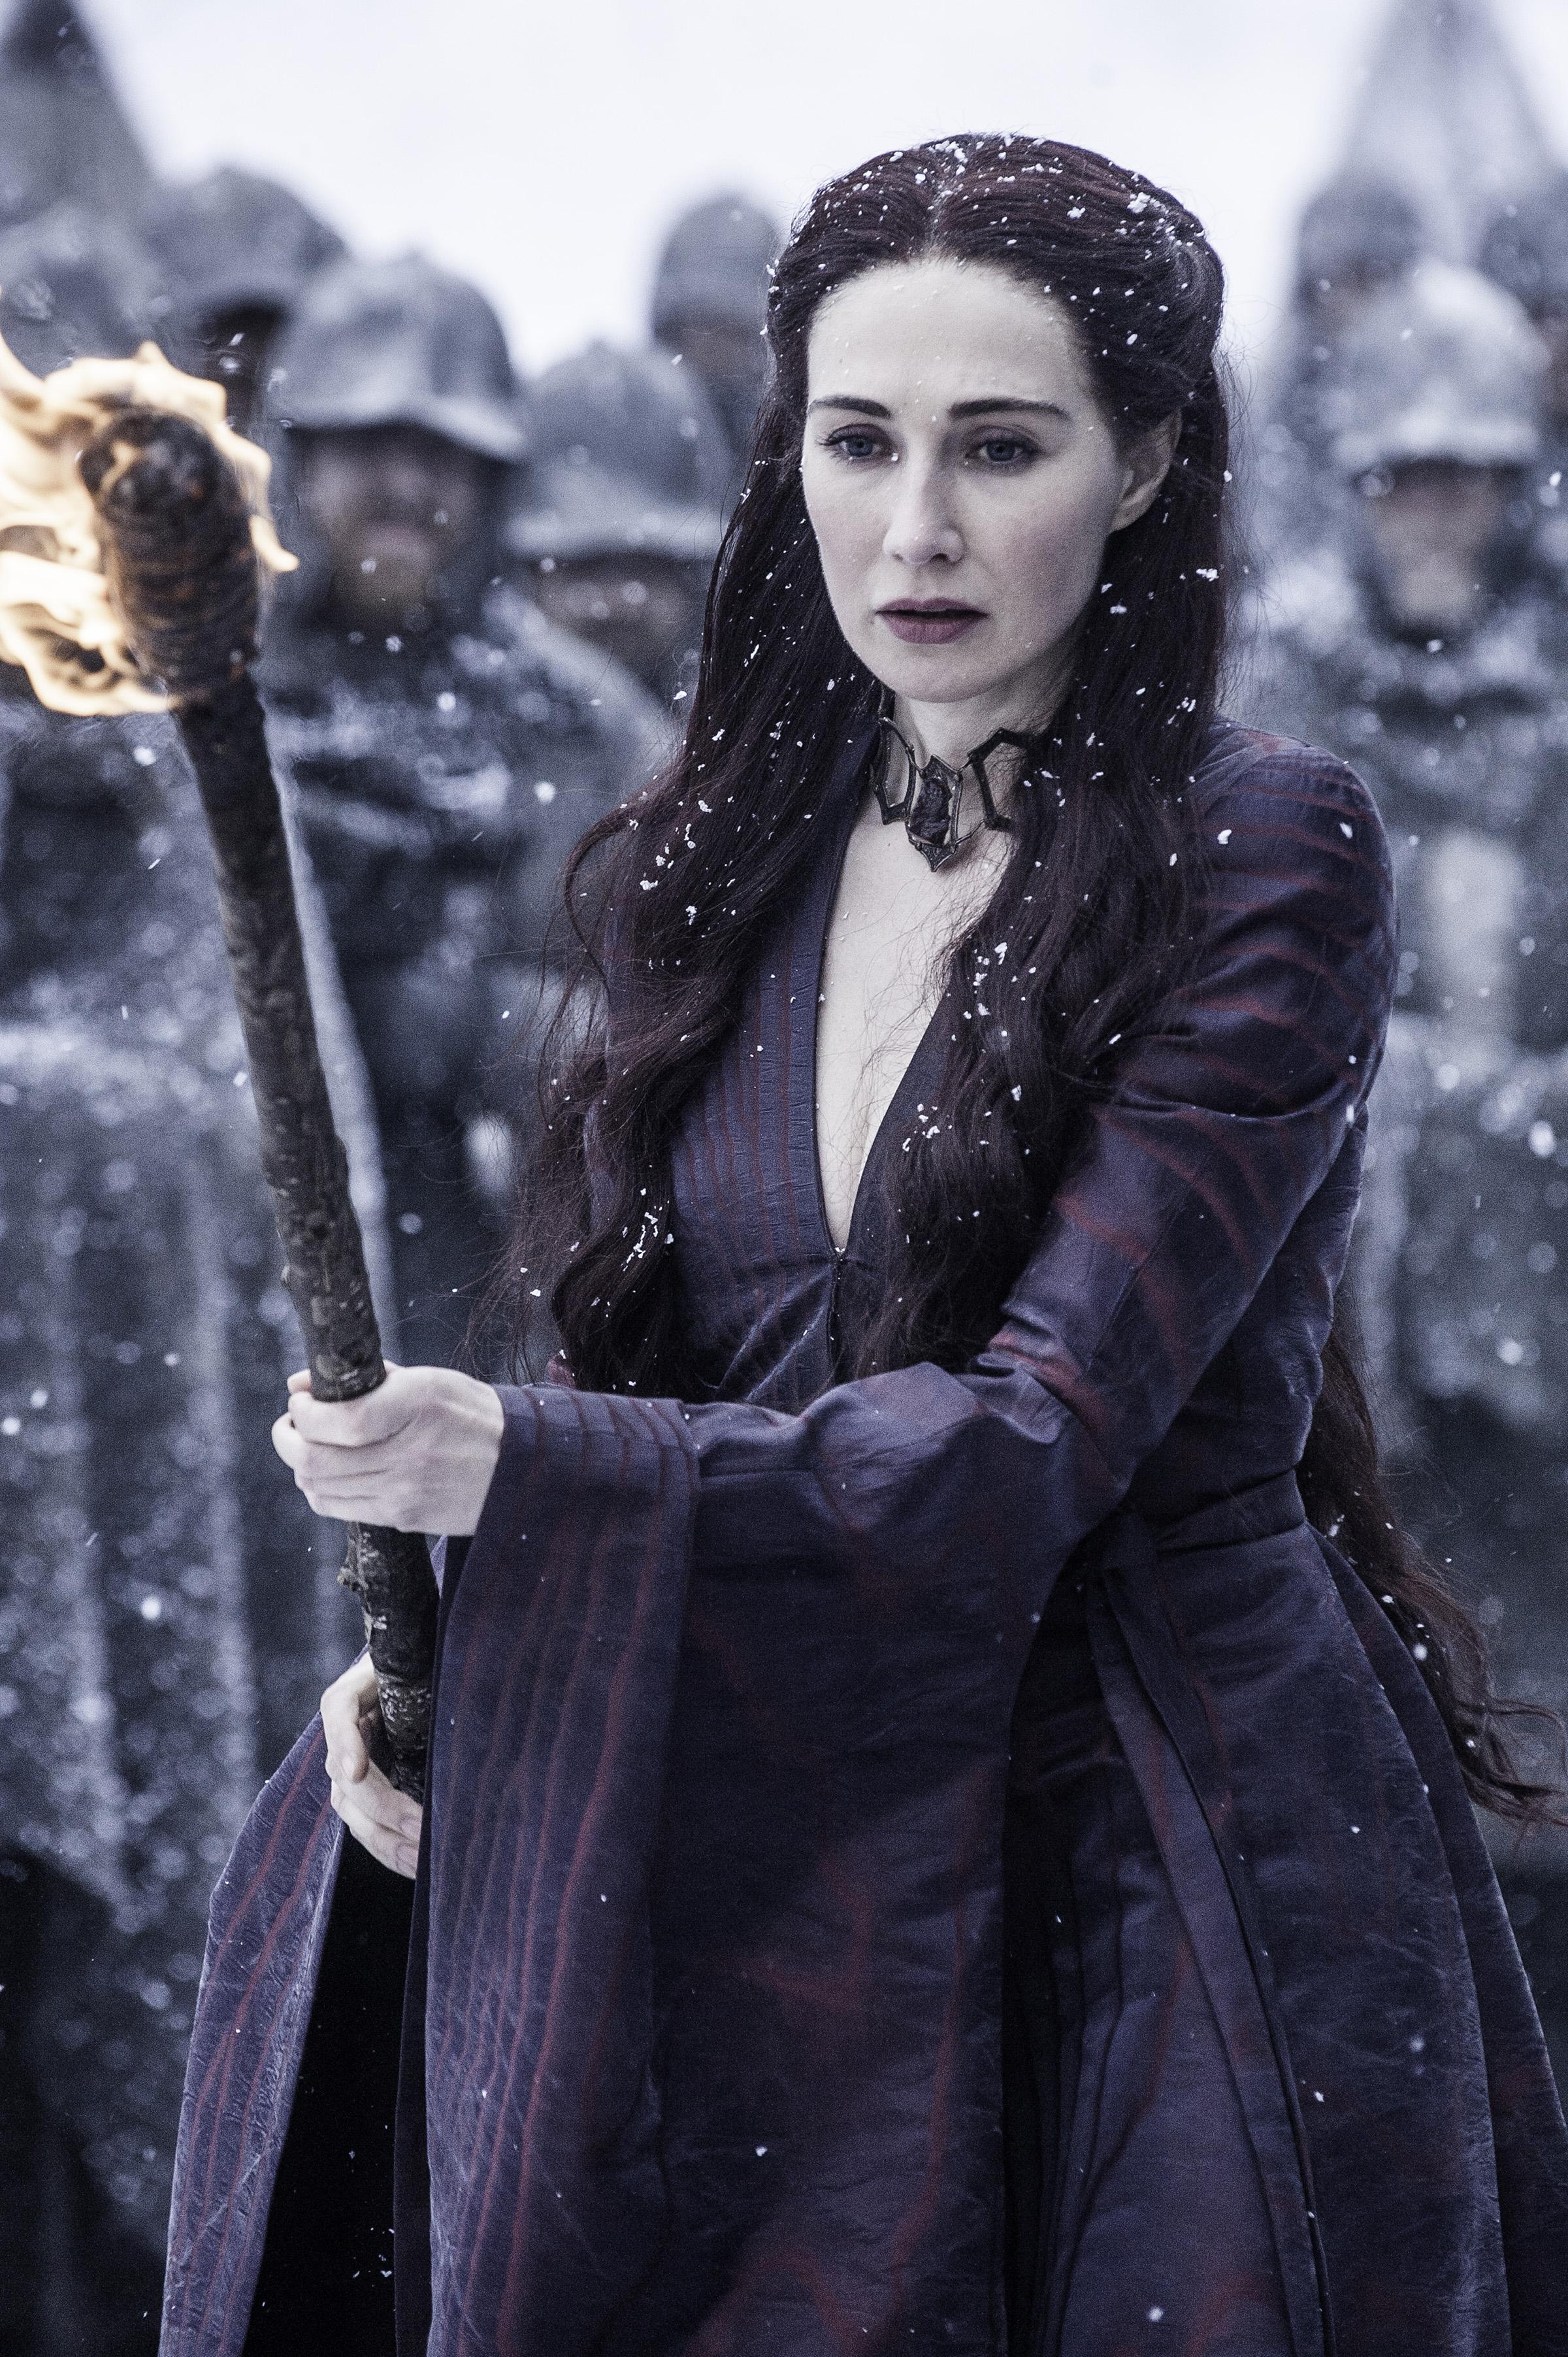 Carice van Houten in Game of Thrones (2011)